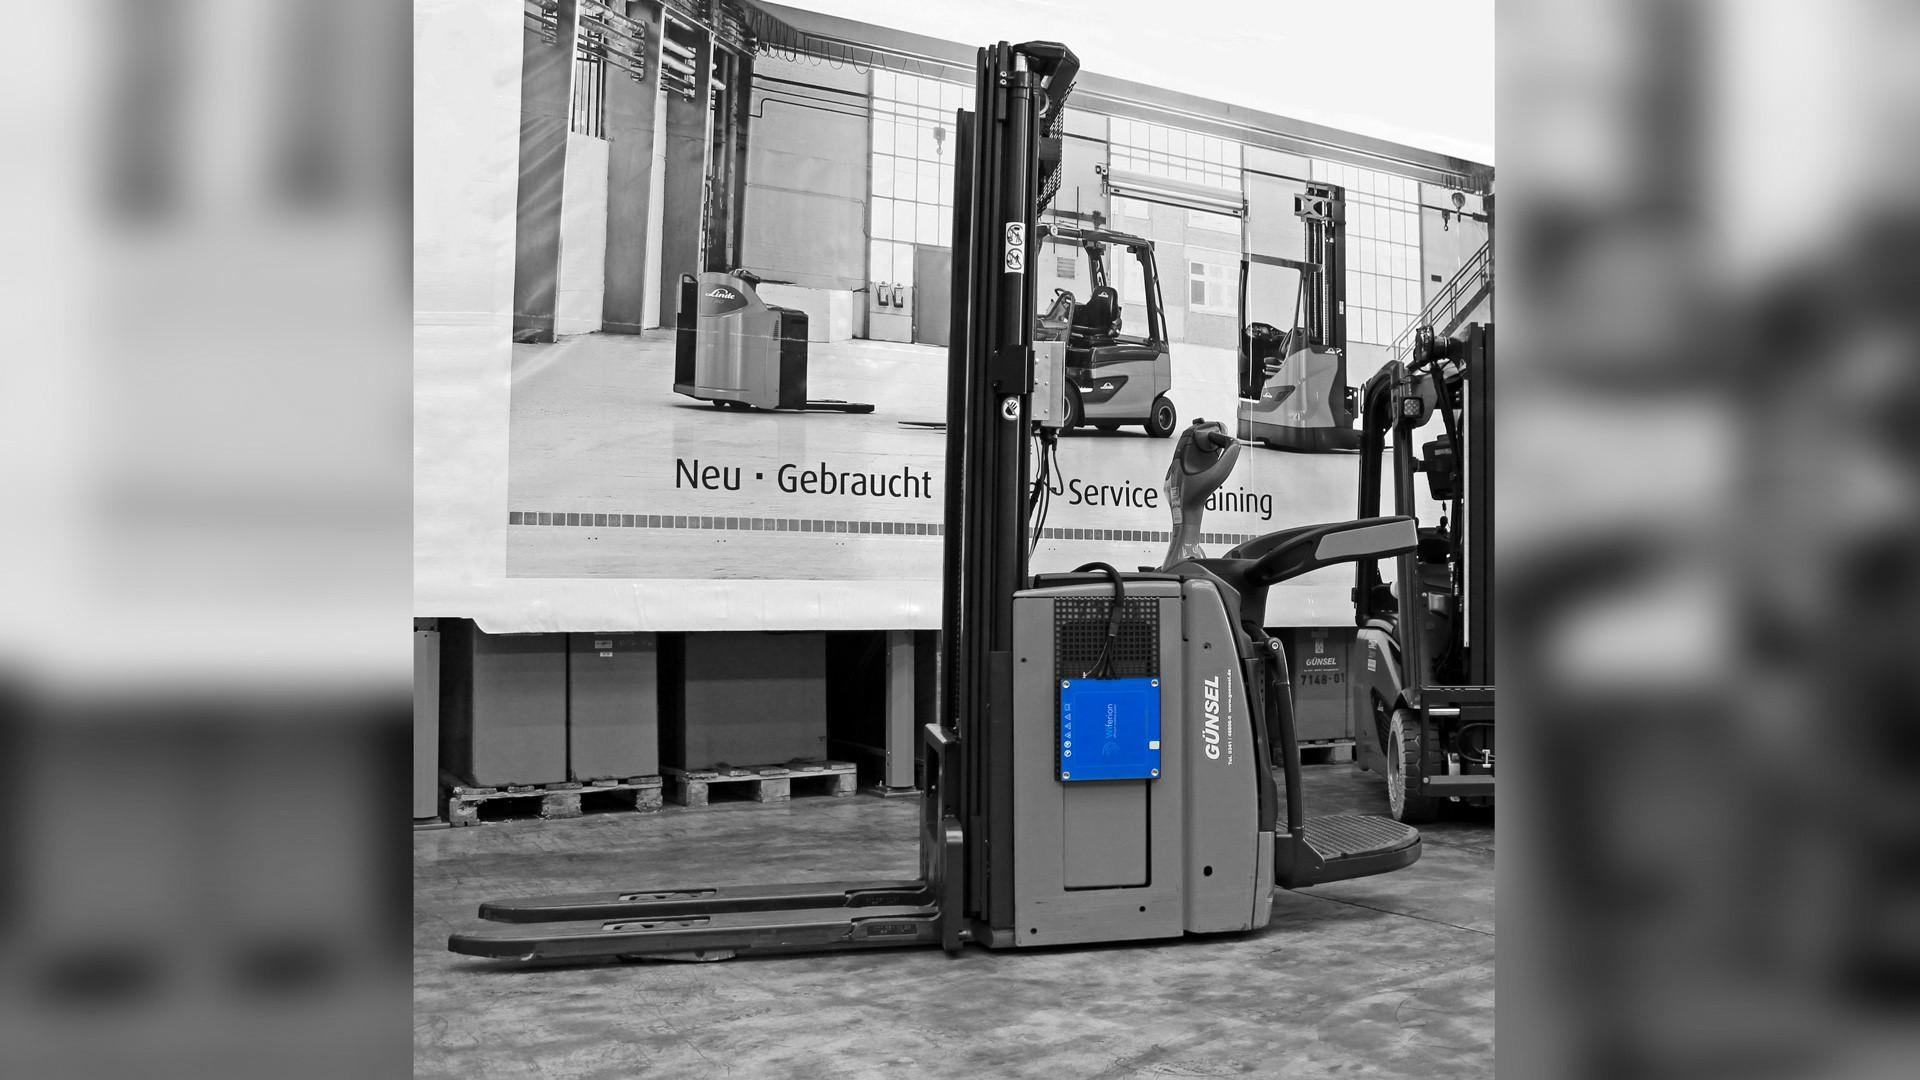 Hubwagen Linde - Induktives Laden nachrüsten - retrofit pallet truck with wireless charging